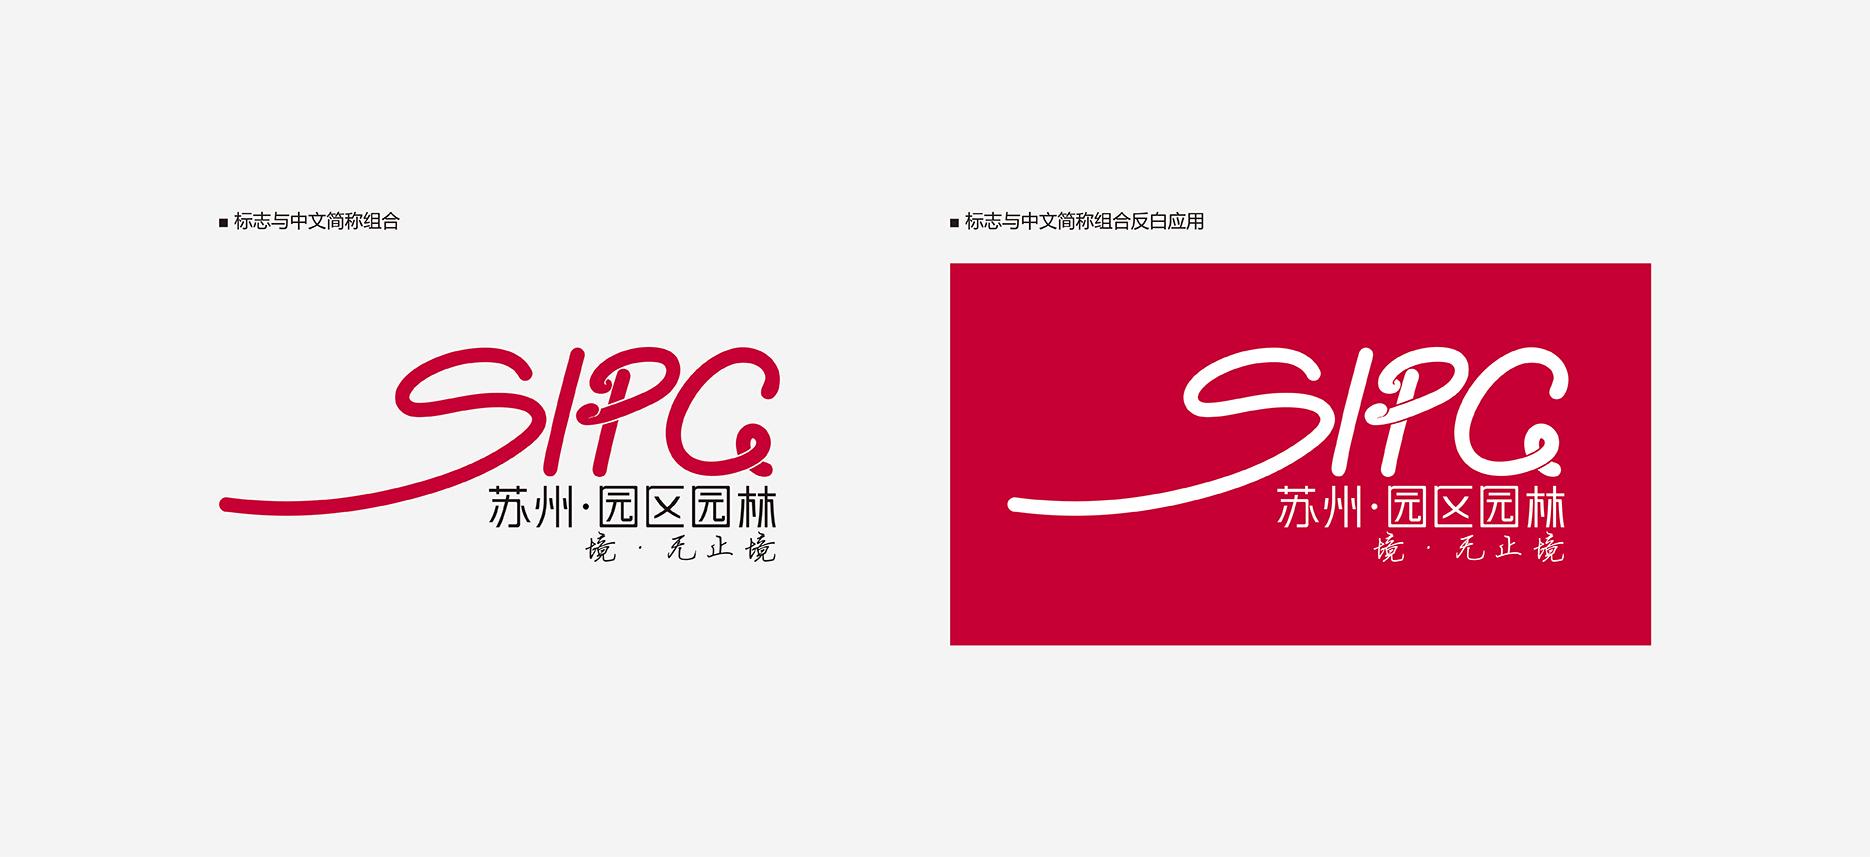 SIPG苏州园区园林:标志与中文简称组合